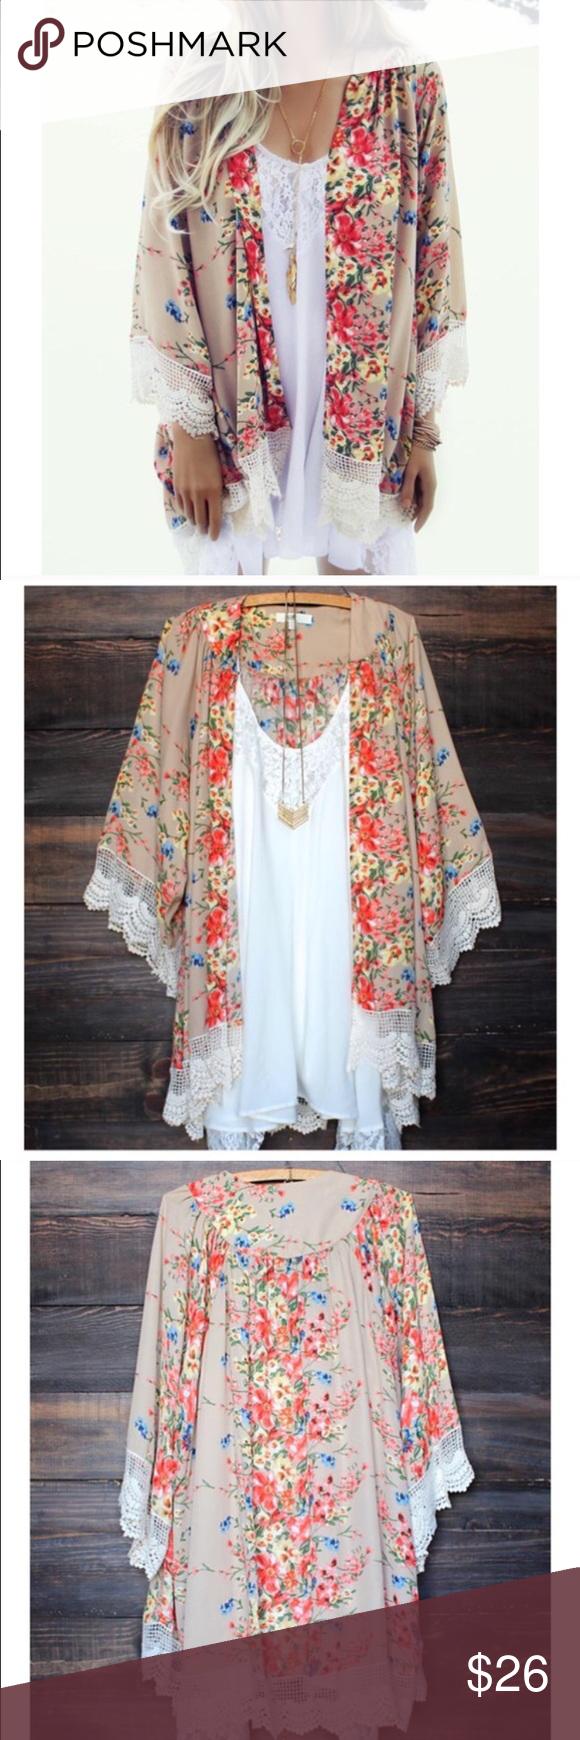 Floral chiffon Kimono cardigan Boutique | Floral kimono, Kimonos ...